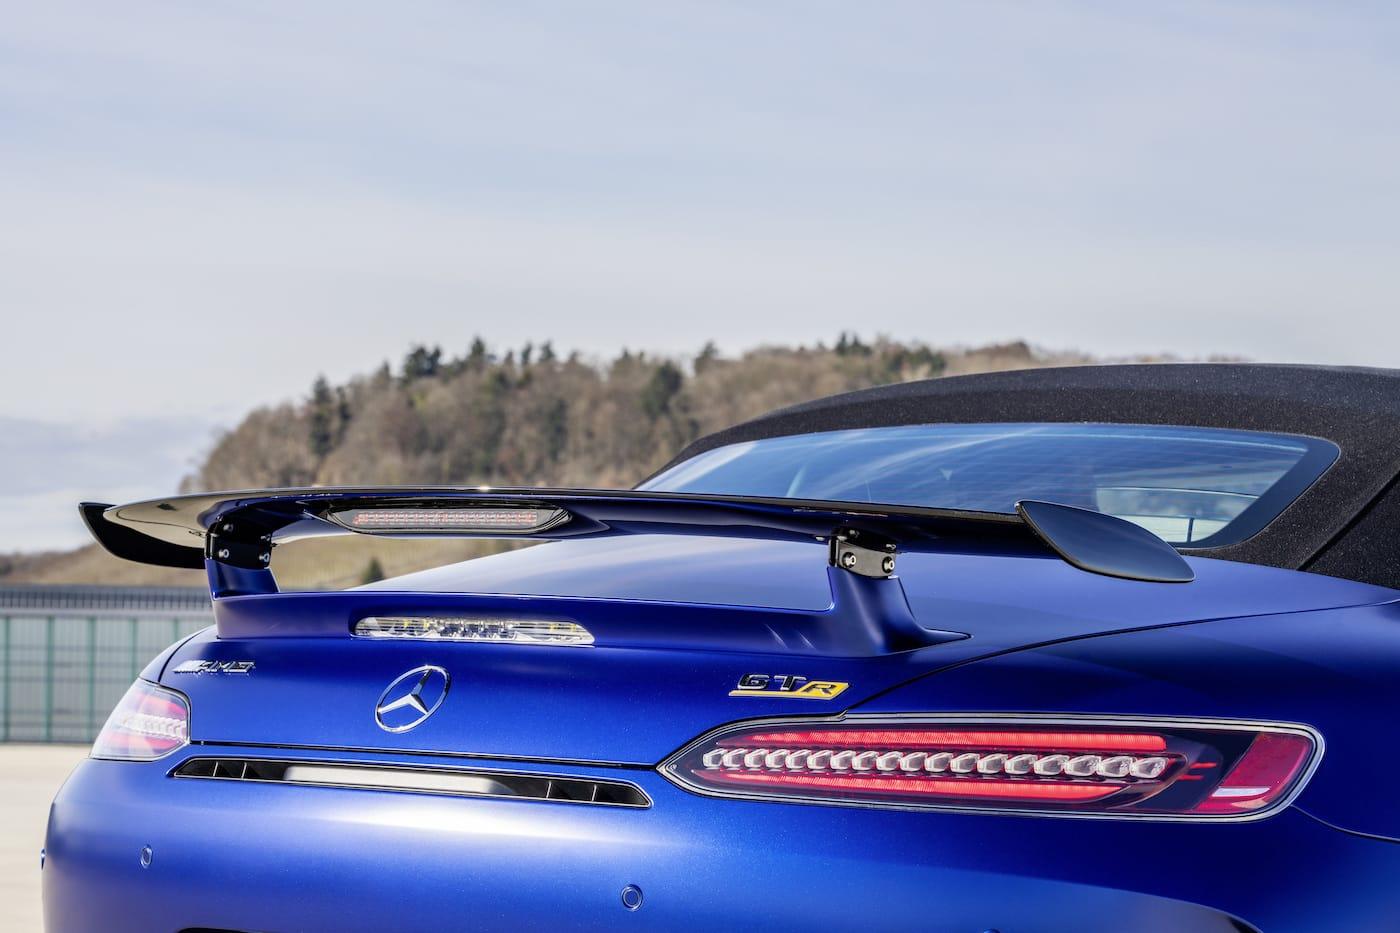 Schöner geht es nicht: Mercedes-Benz präsentiert den AMG GT R Roadster 7